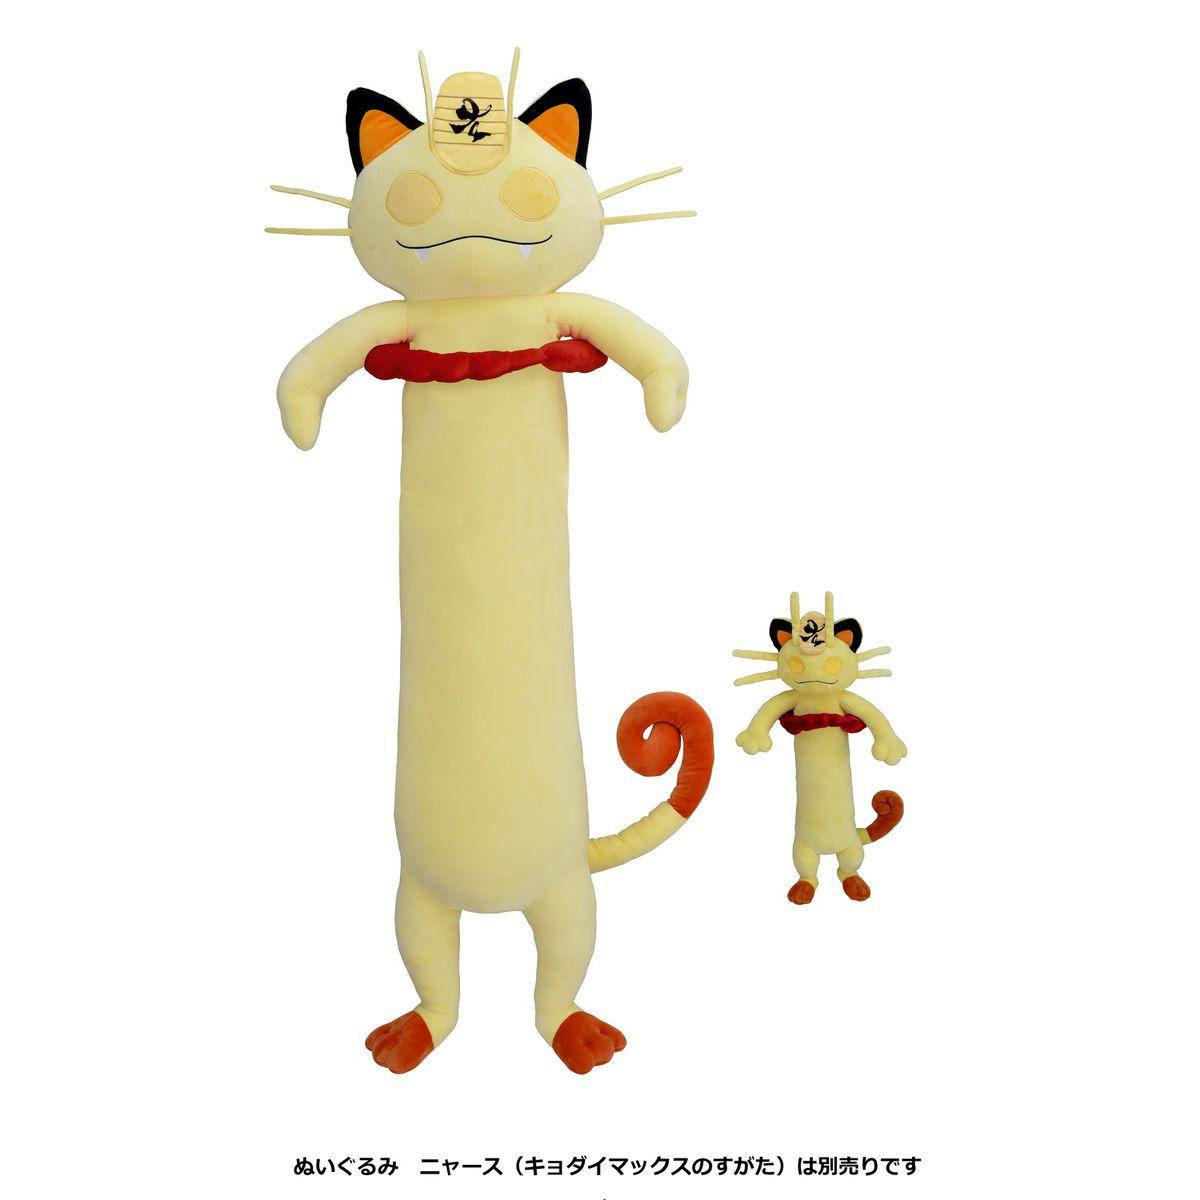 The Super Gigantamax Meowth plush toy next to the standard Gigantamax Meowth plush toy